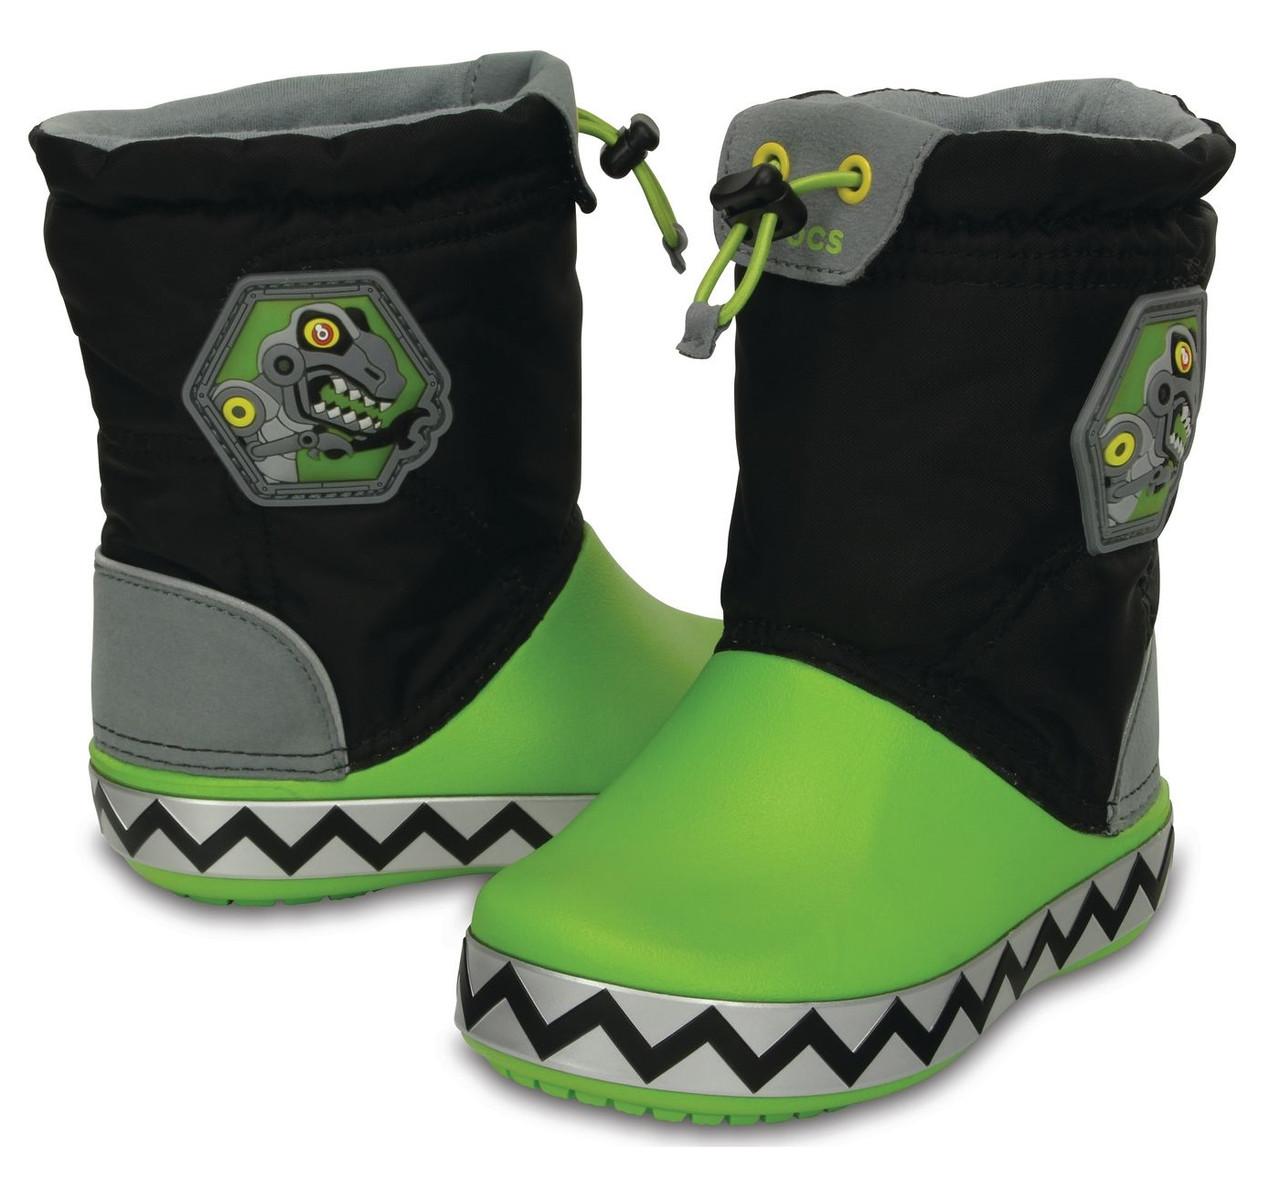 Сапоги зимние для мальчика Crocs Kids CrocsLights LodgePoint RoboSaur Boot / непромокаемые светящиеся Робозавр